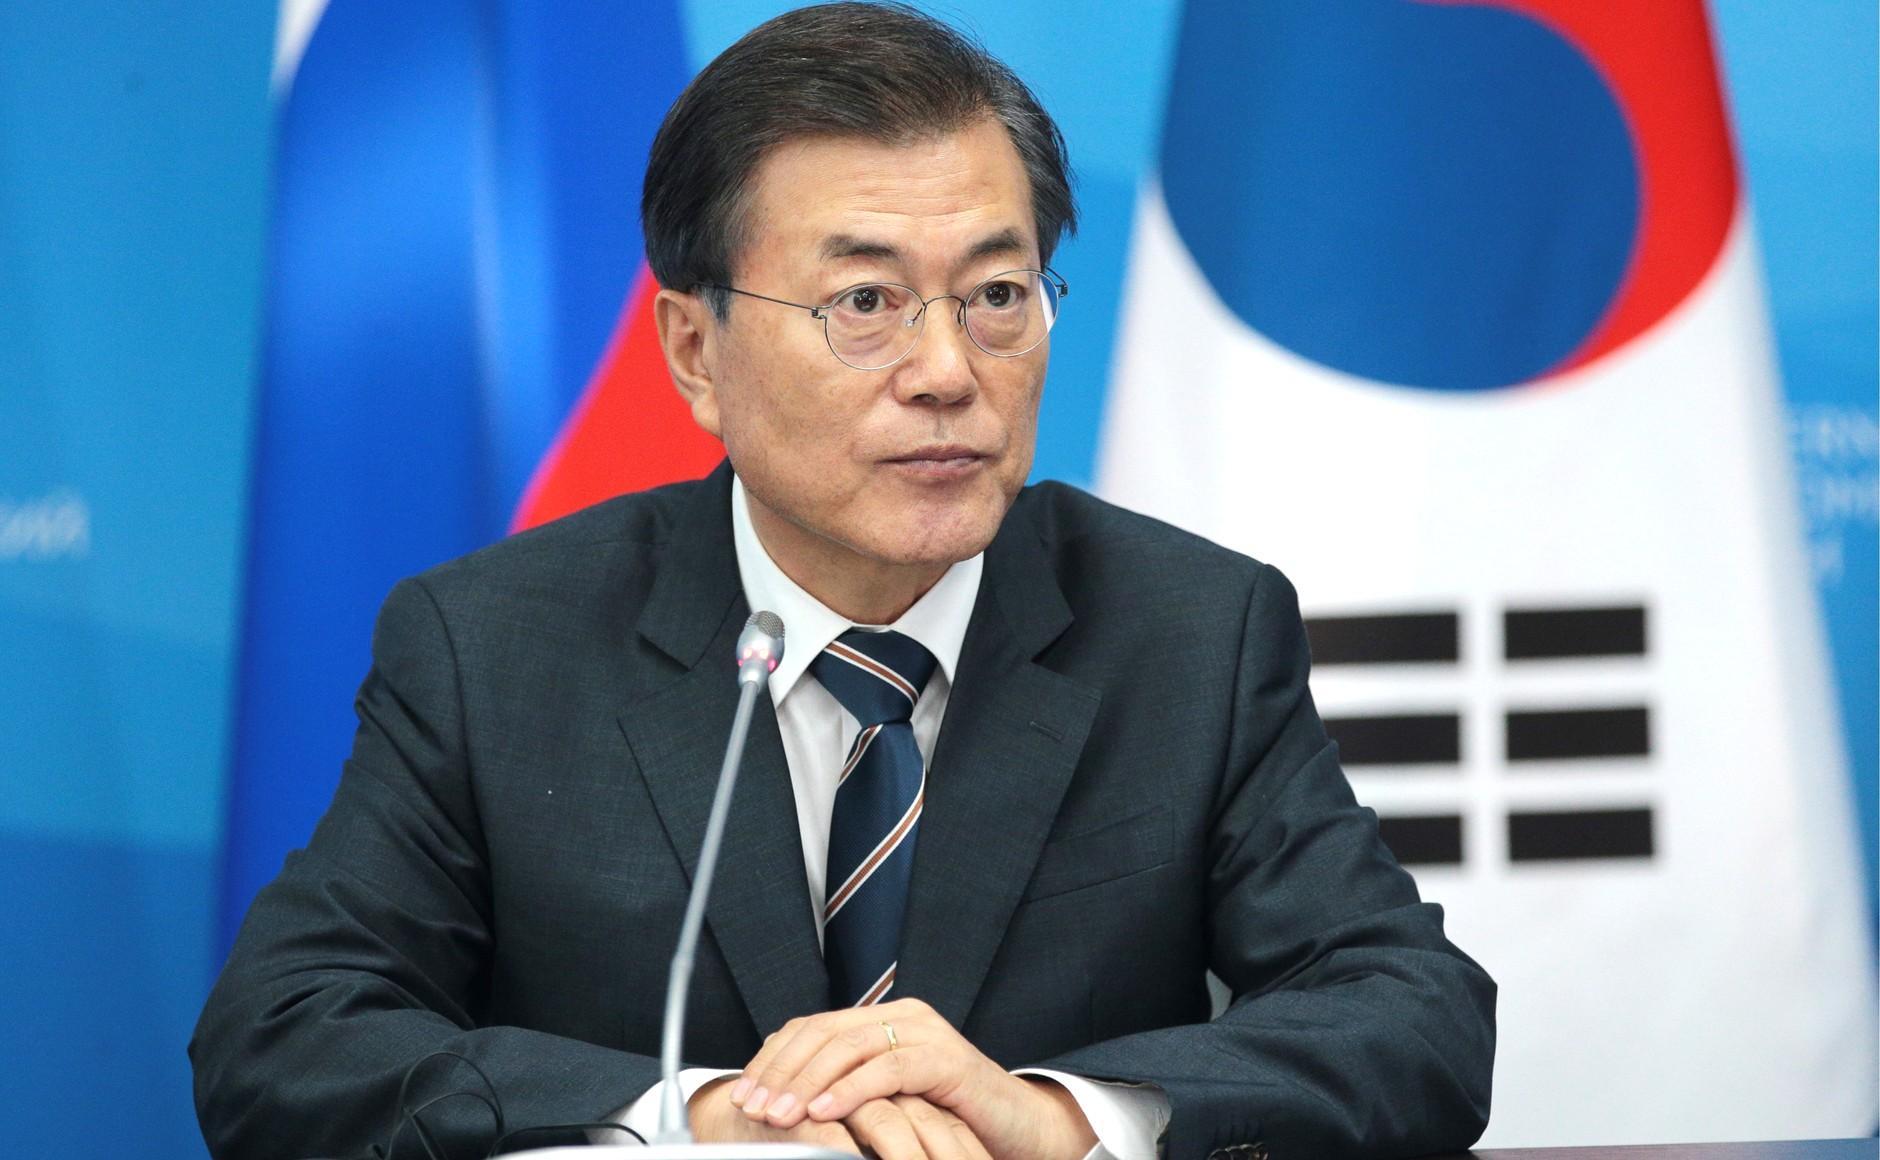 Лидер Южной Кореи считает Трампа нормальным  Нобелевской премии мира